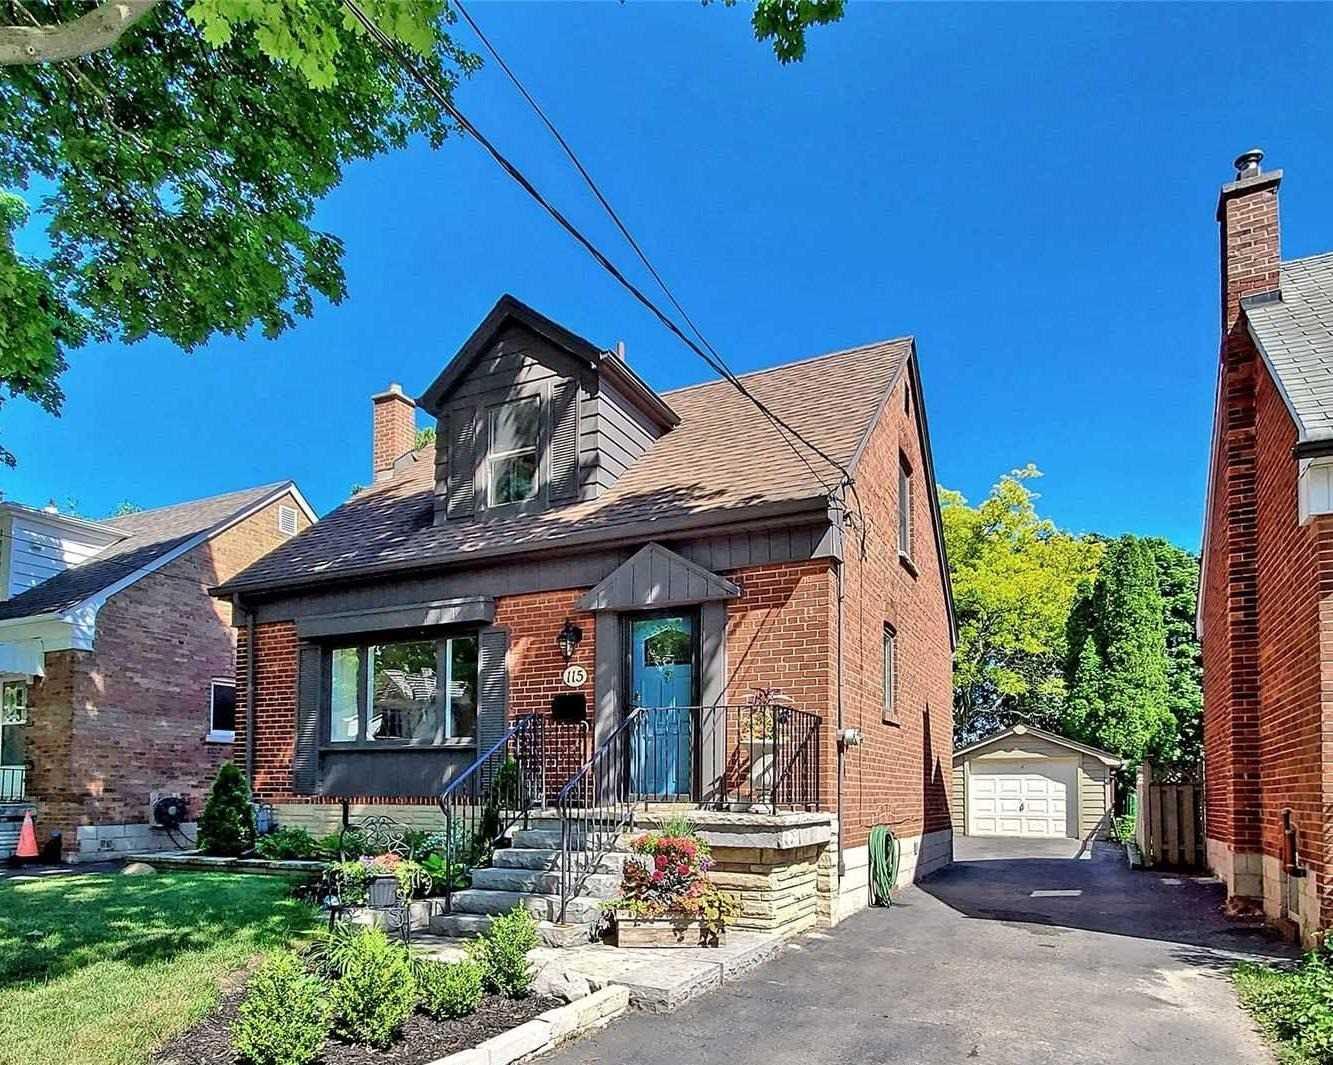 115 Leacrest Rd, Toronto, M4G1E7